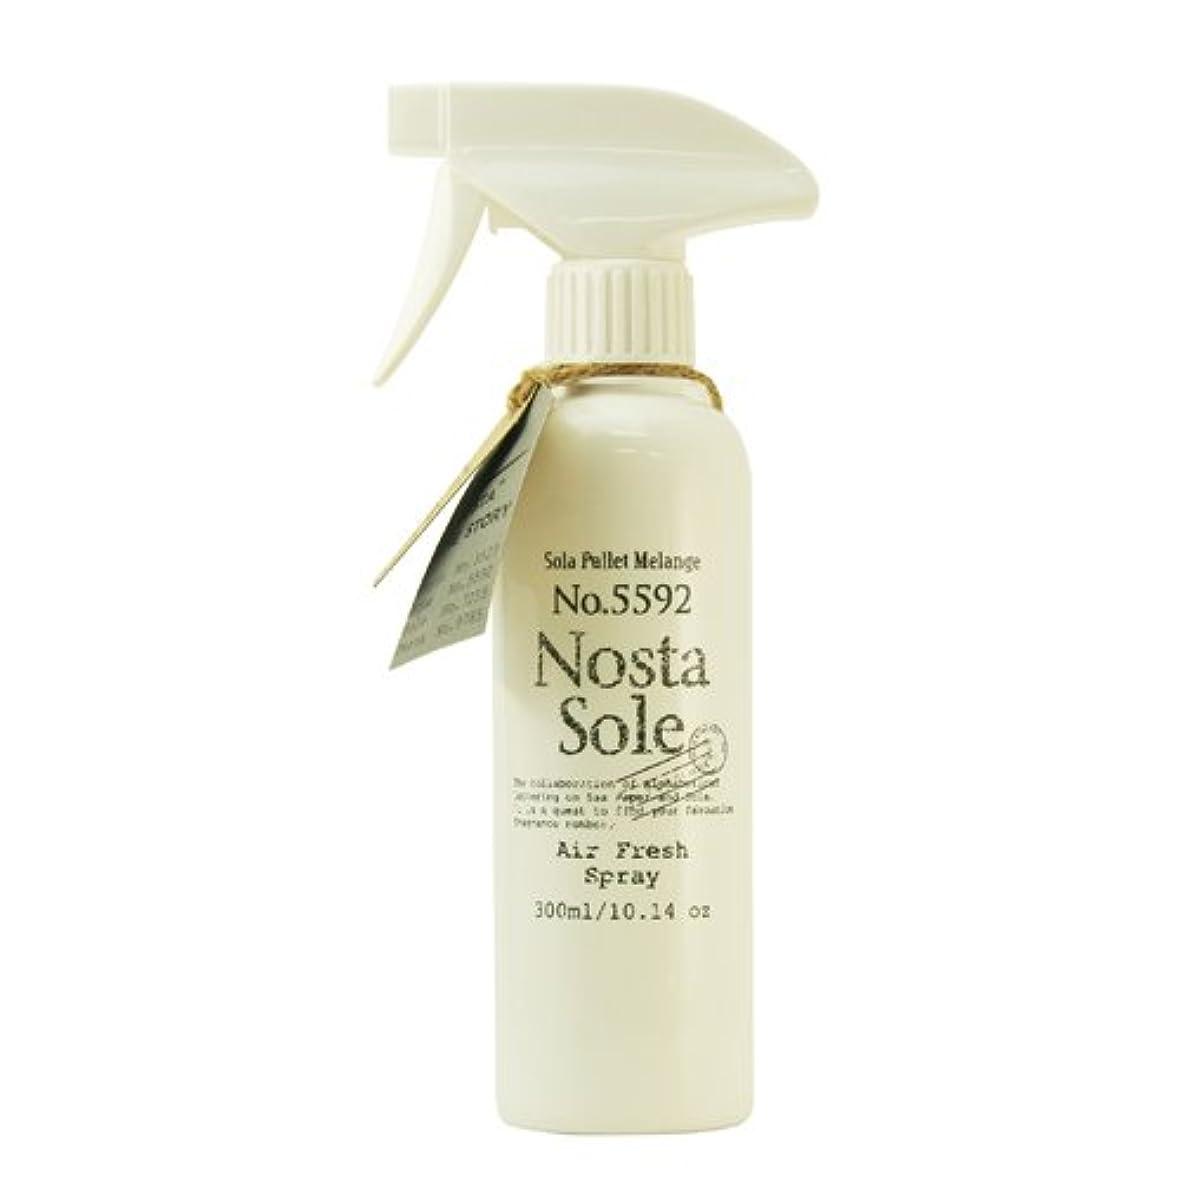 あいまいさ塗抹転倒Nosta ノスタ Air Fresh Spray エアーフレッシュスプレー(ルームスプレー)Sole ソーレ / 太陽